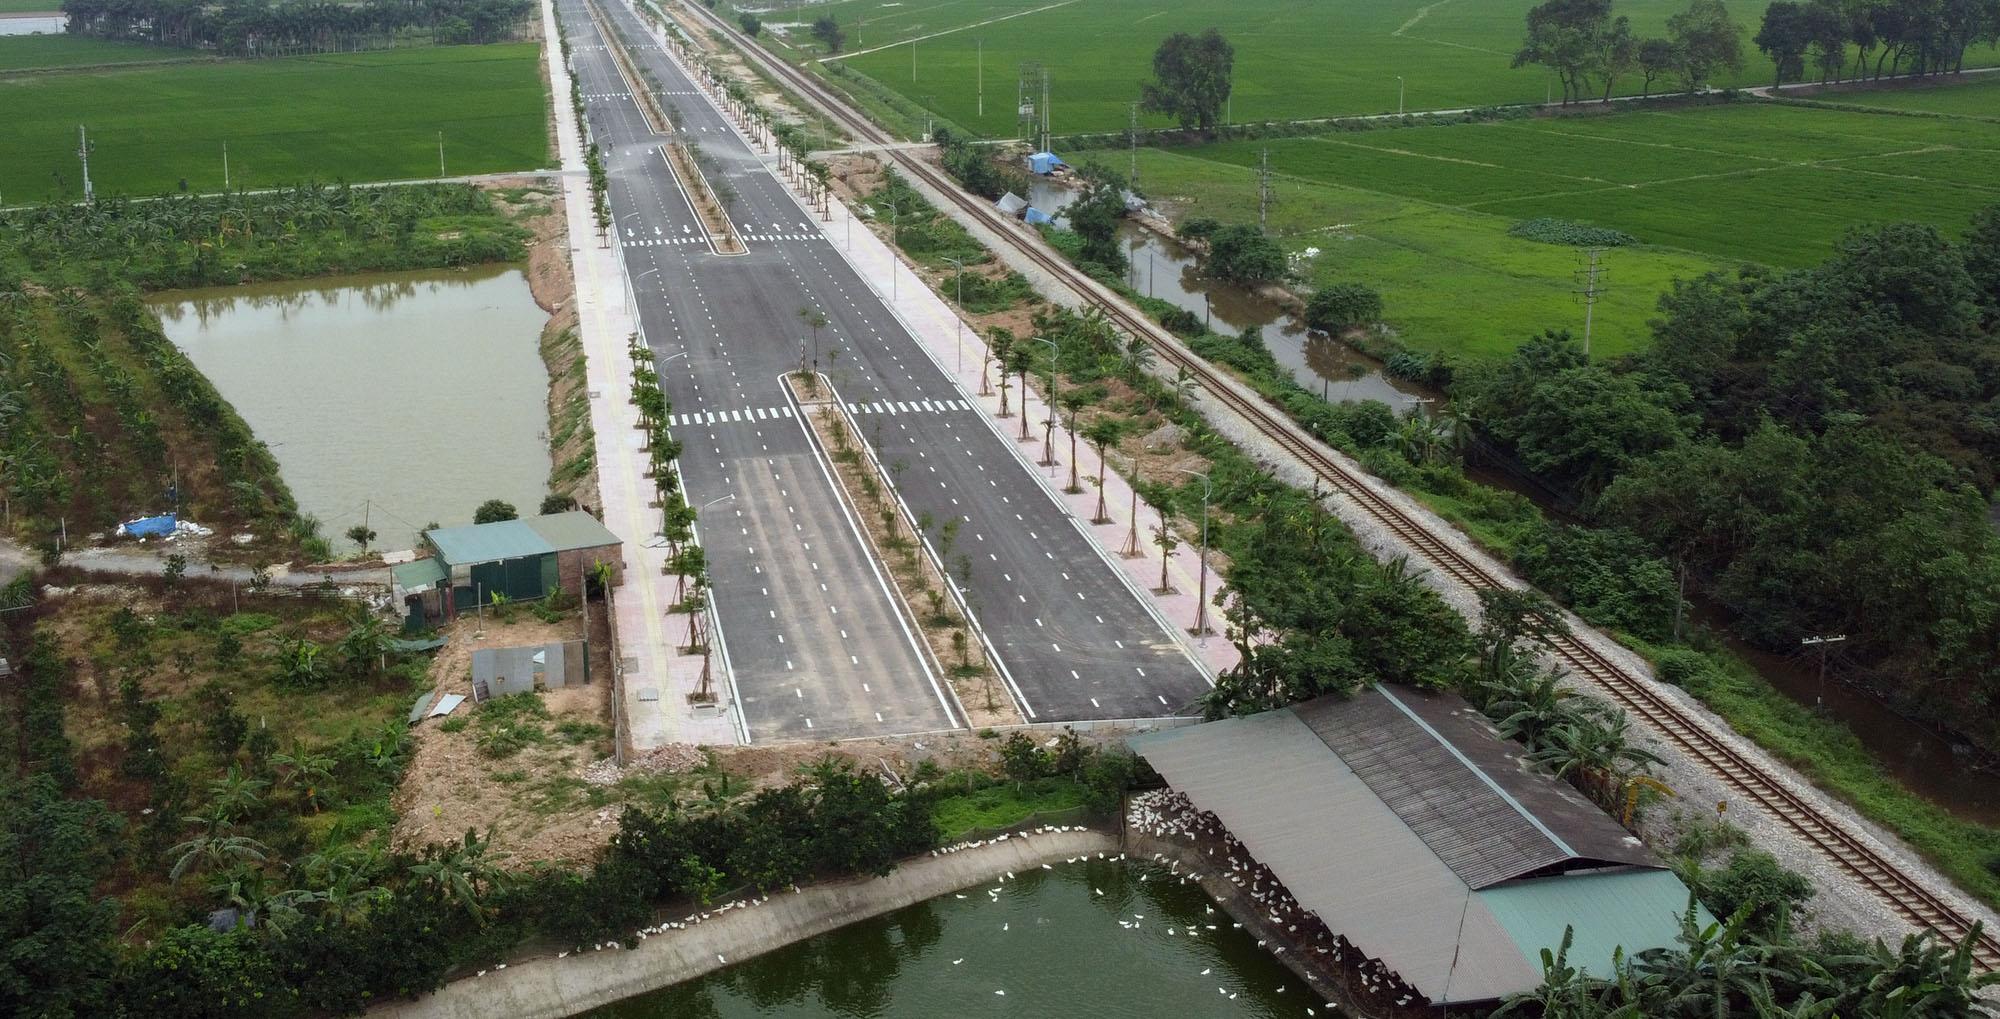 Cao tốc Bắc - Nam, đoạn Phan Thiết - Dầu Giây thiếu 4,4 triệu m3 vật liệu đắp nền - Ảnh 1.